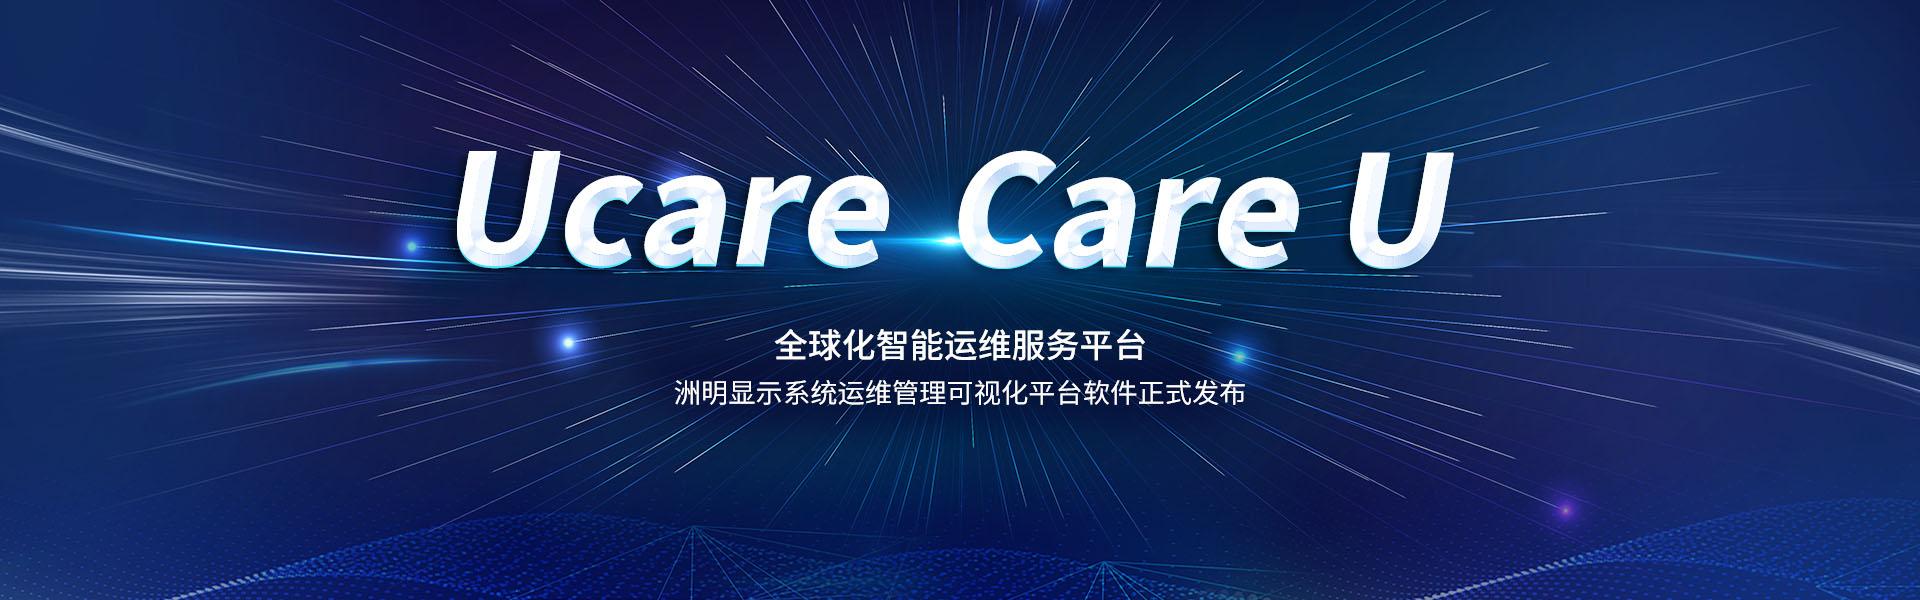 深圳市洲明科技股份有限公司 LED应用产品及解决方案供应商-网站